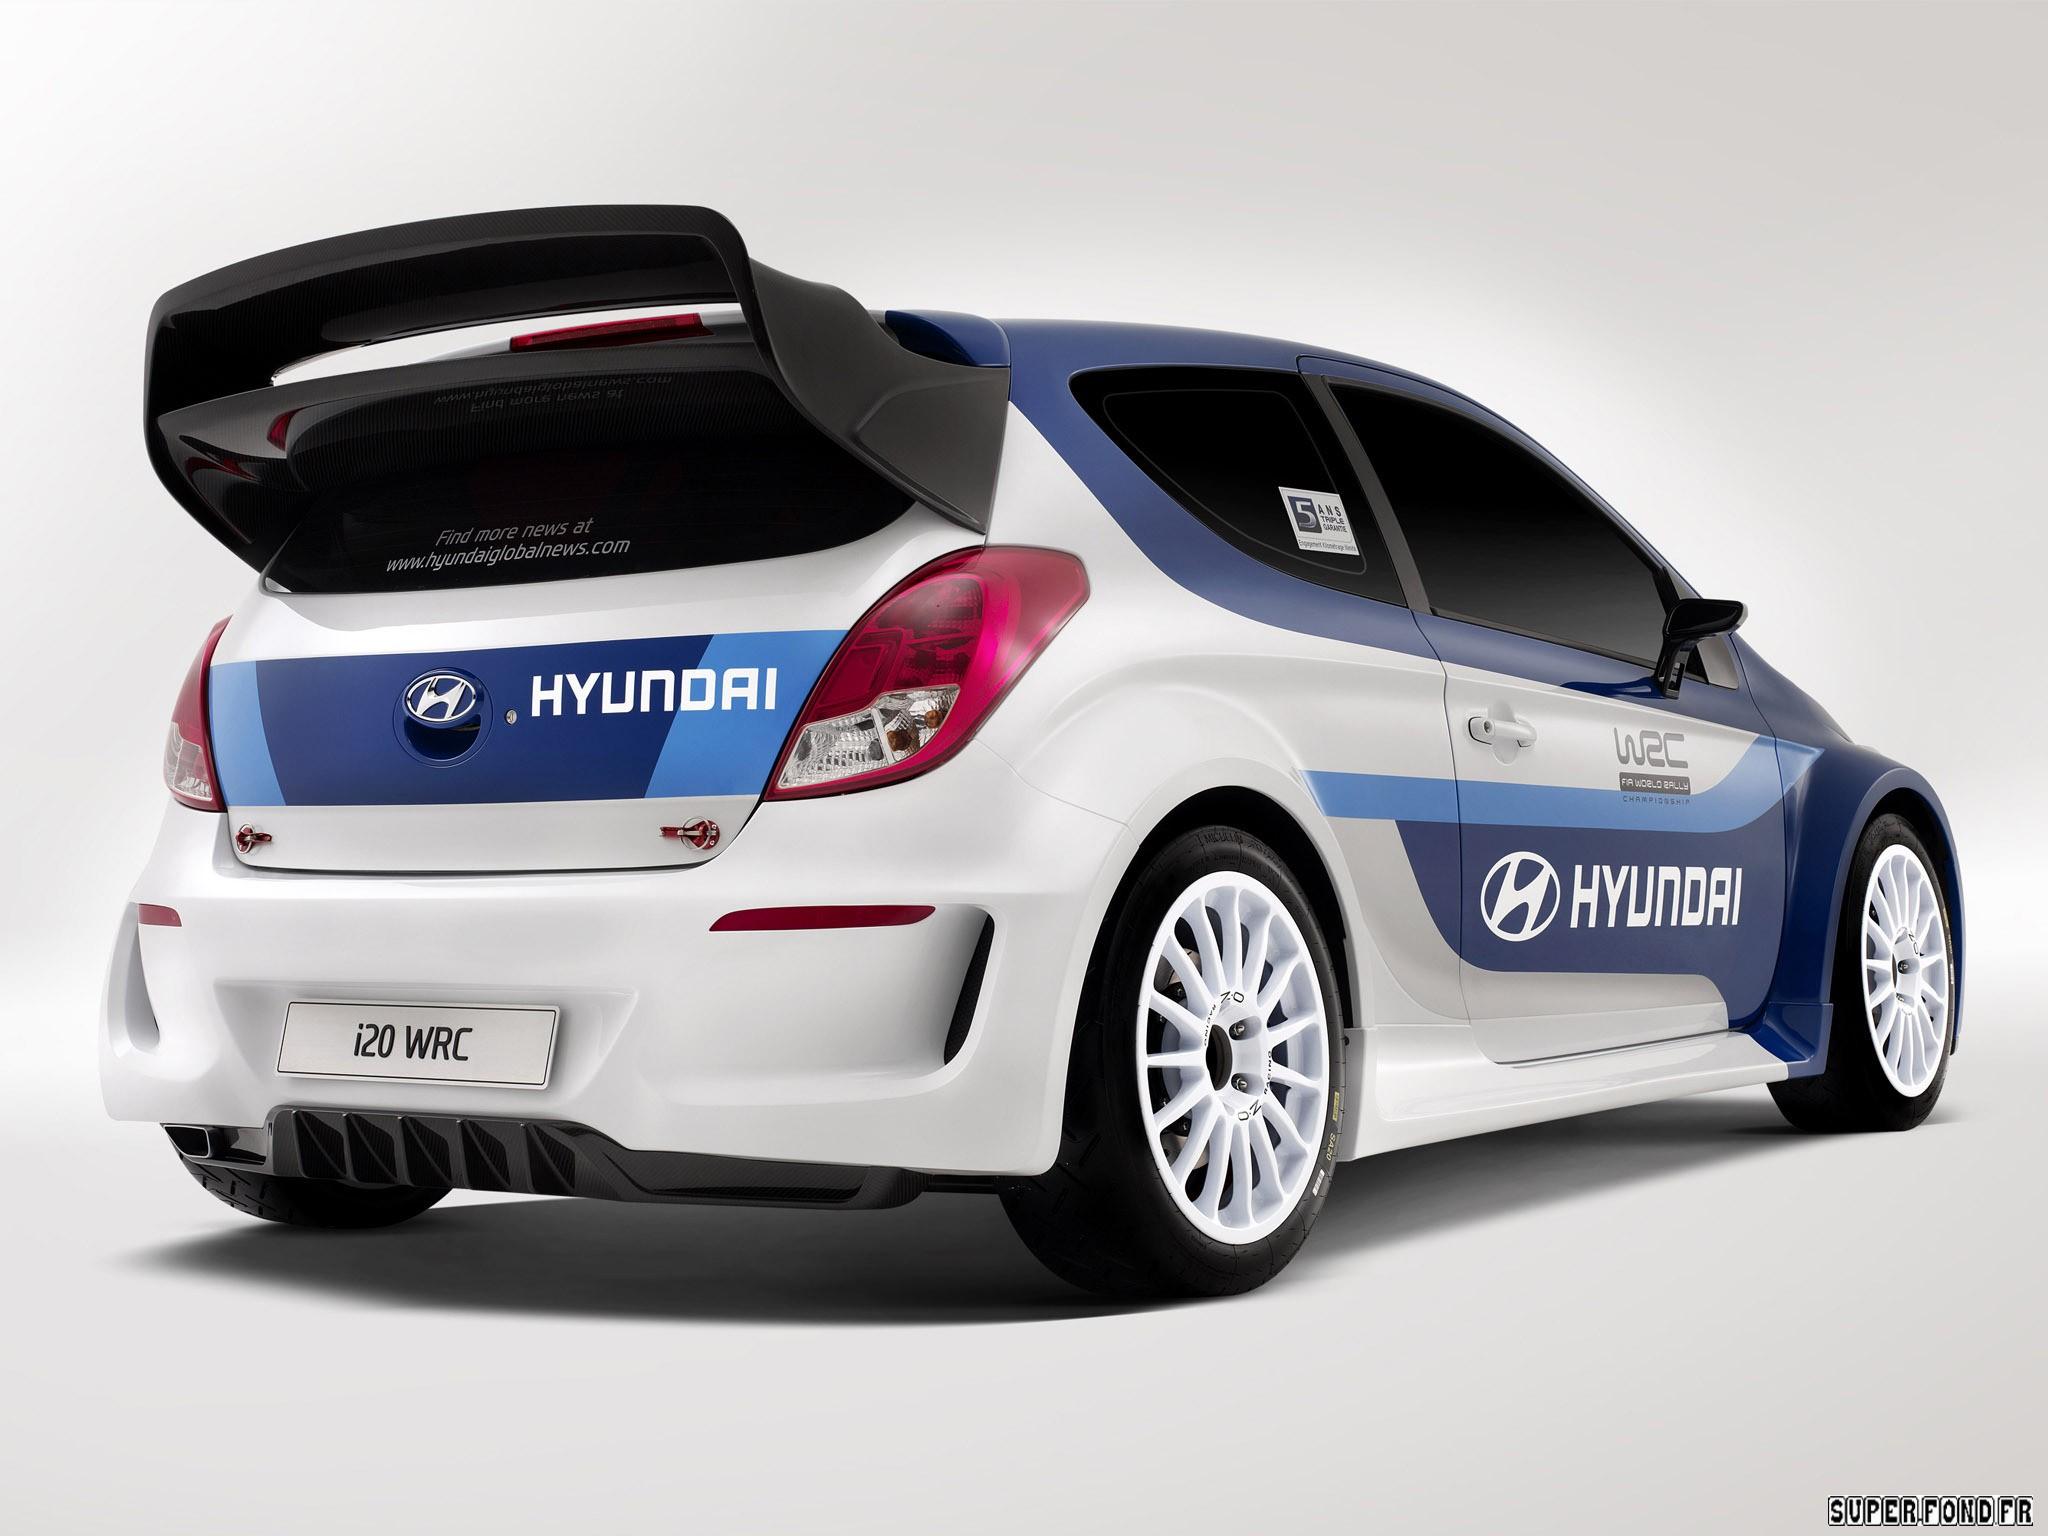 2013 Hyundai i20 WRC